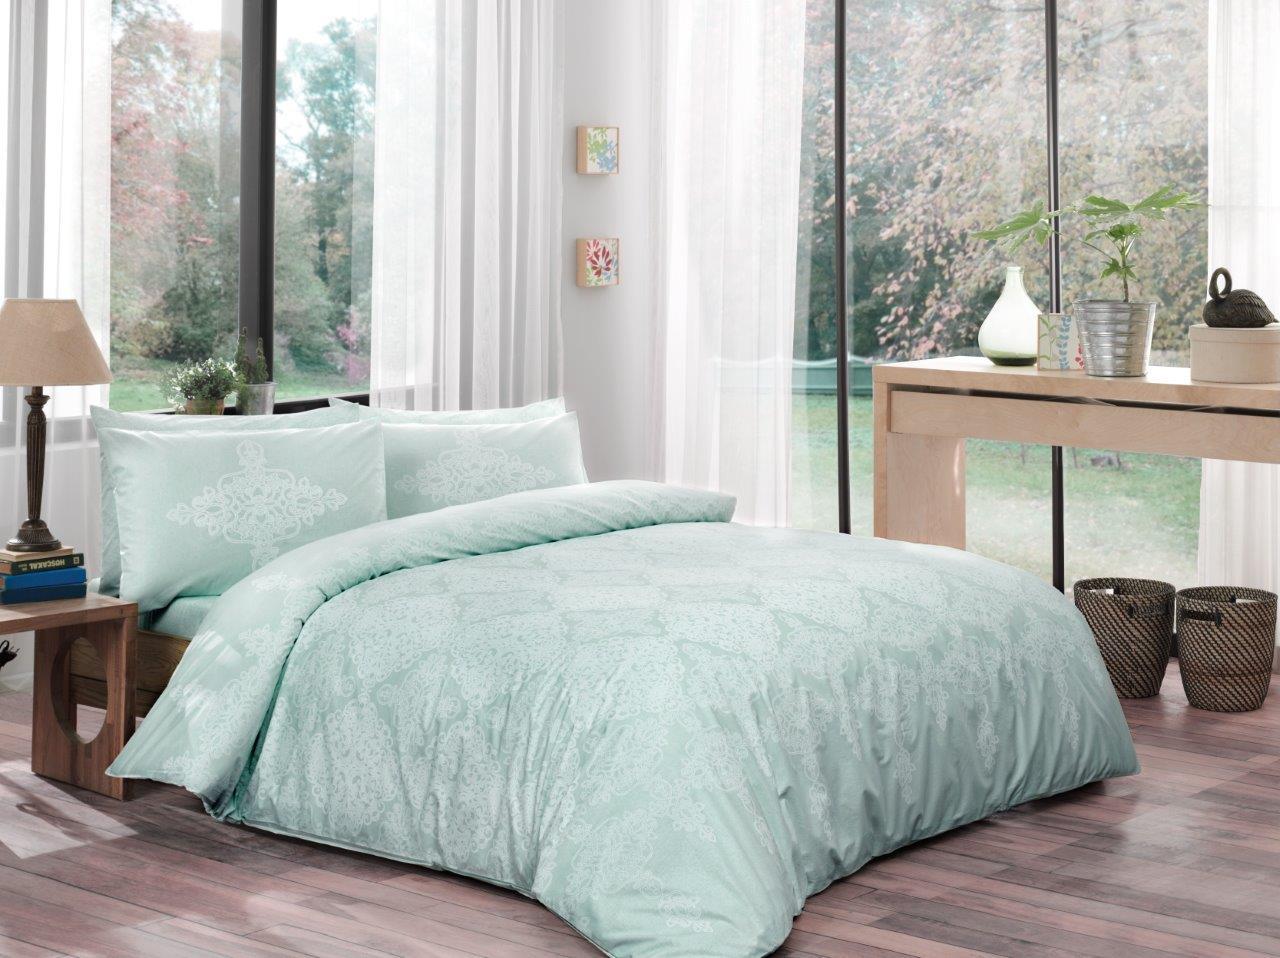 Комплект белья ТАС Blanche, 1,5-спальный, наволочки 50x70, цвет: мятный. 4080-45426